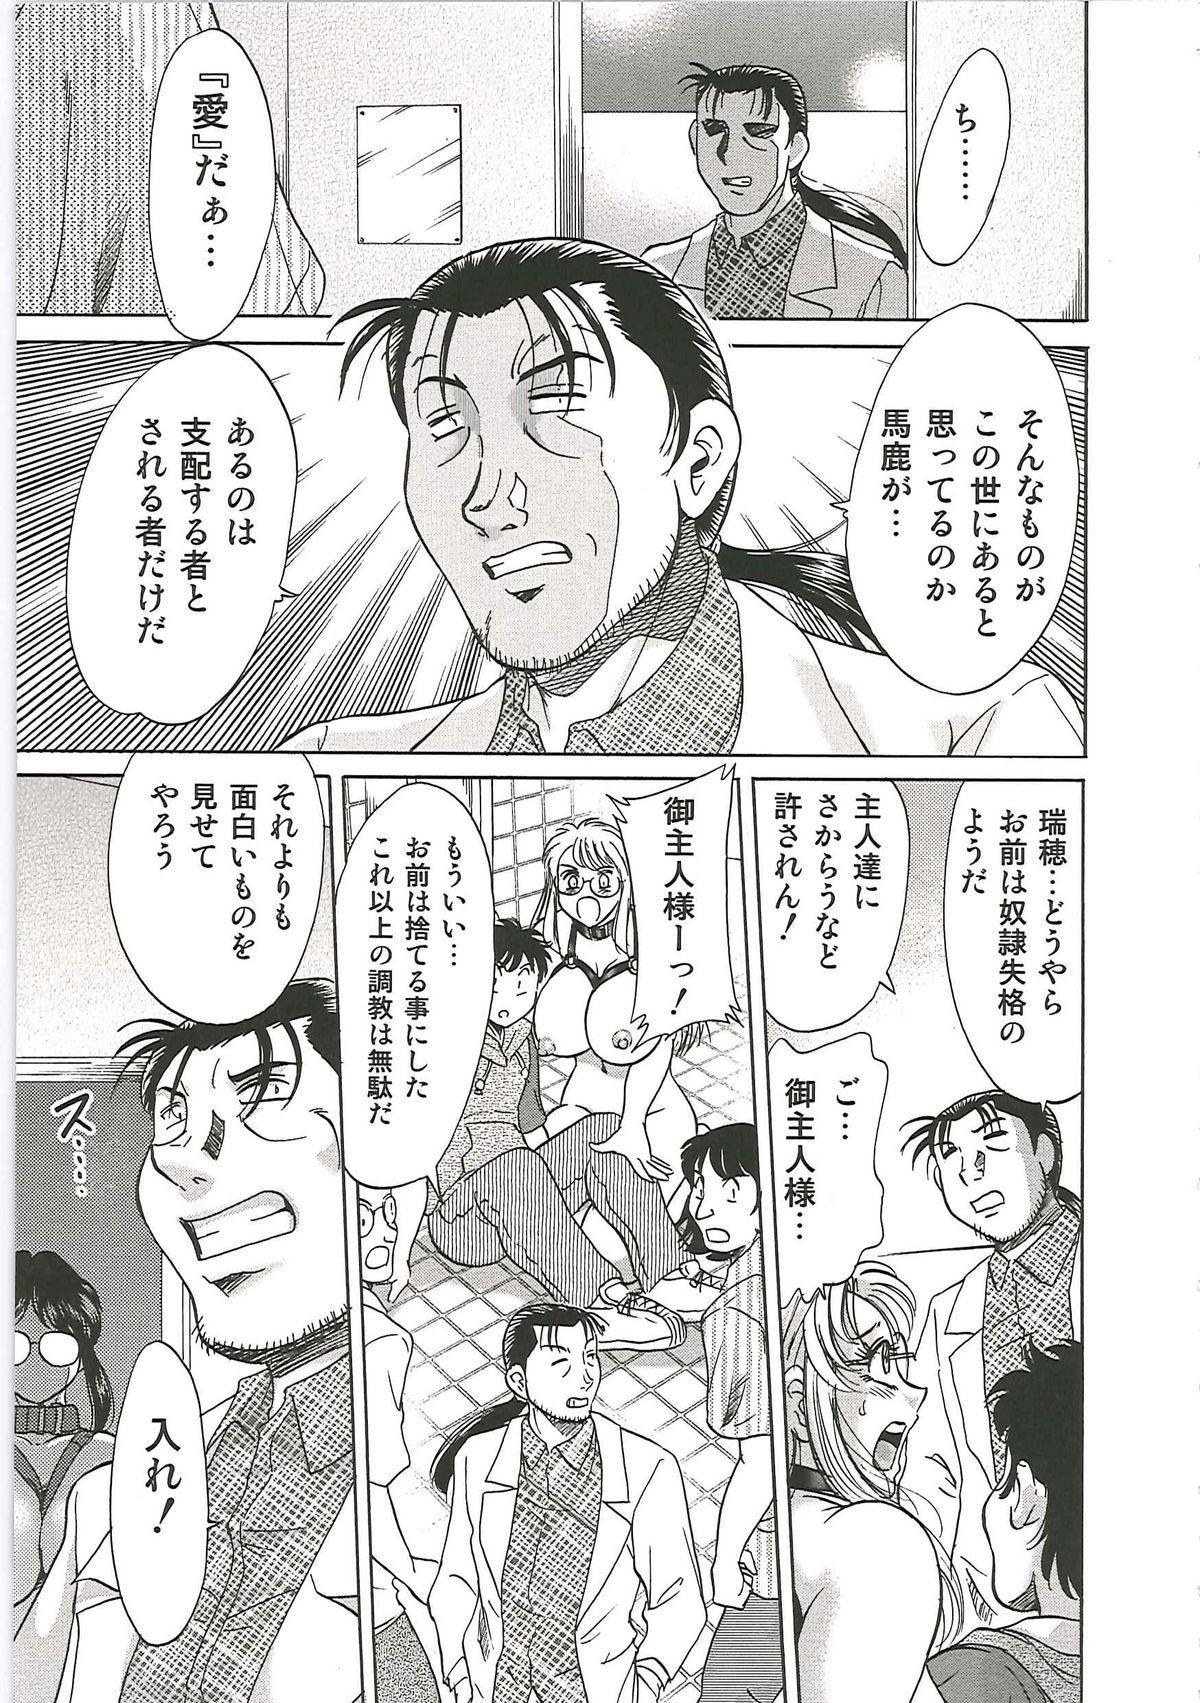 [Chanpon Miyabi] Cho-Onesan Tengoku 6 -Tenrakuhen- 168